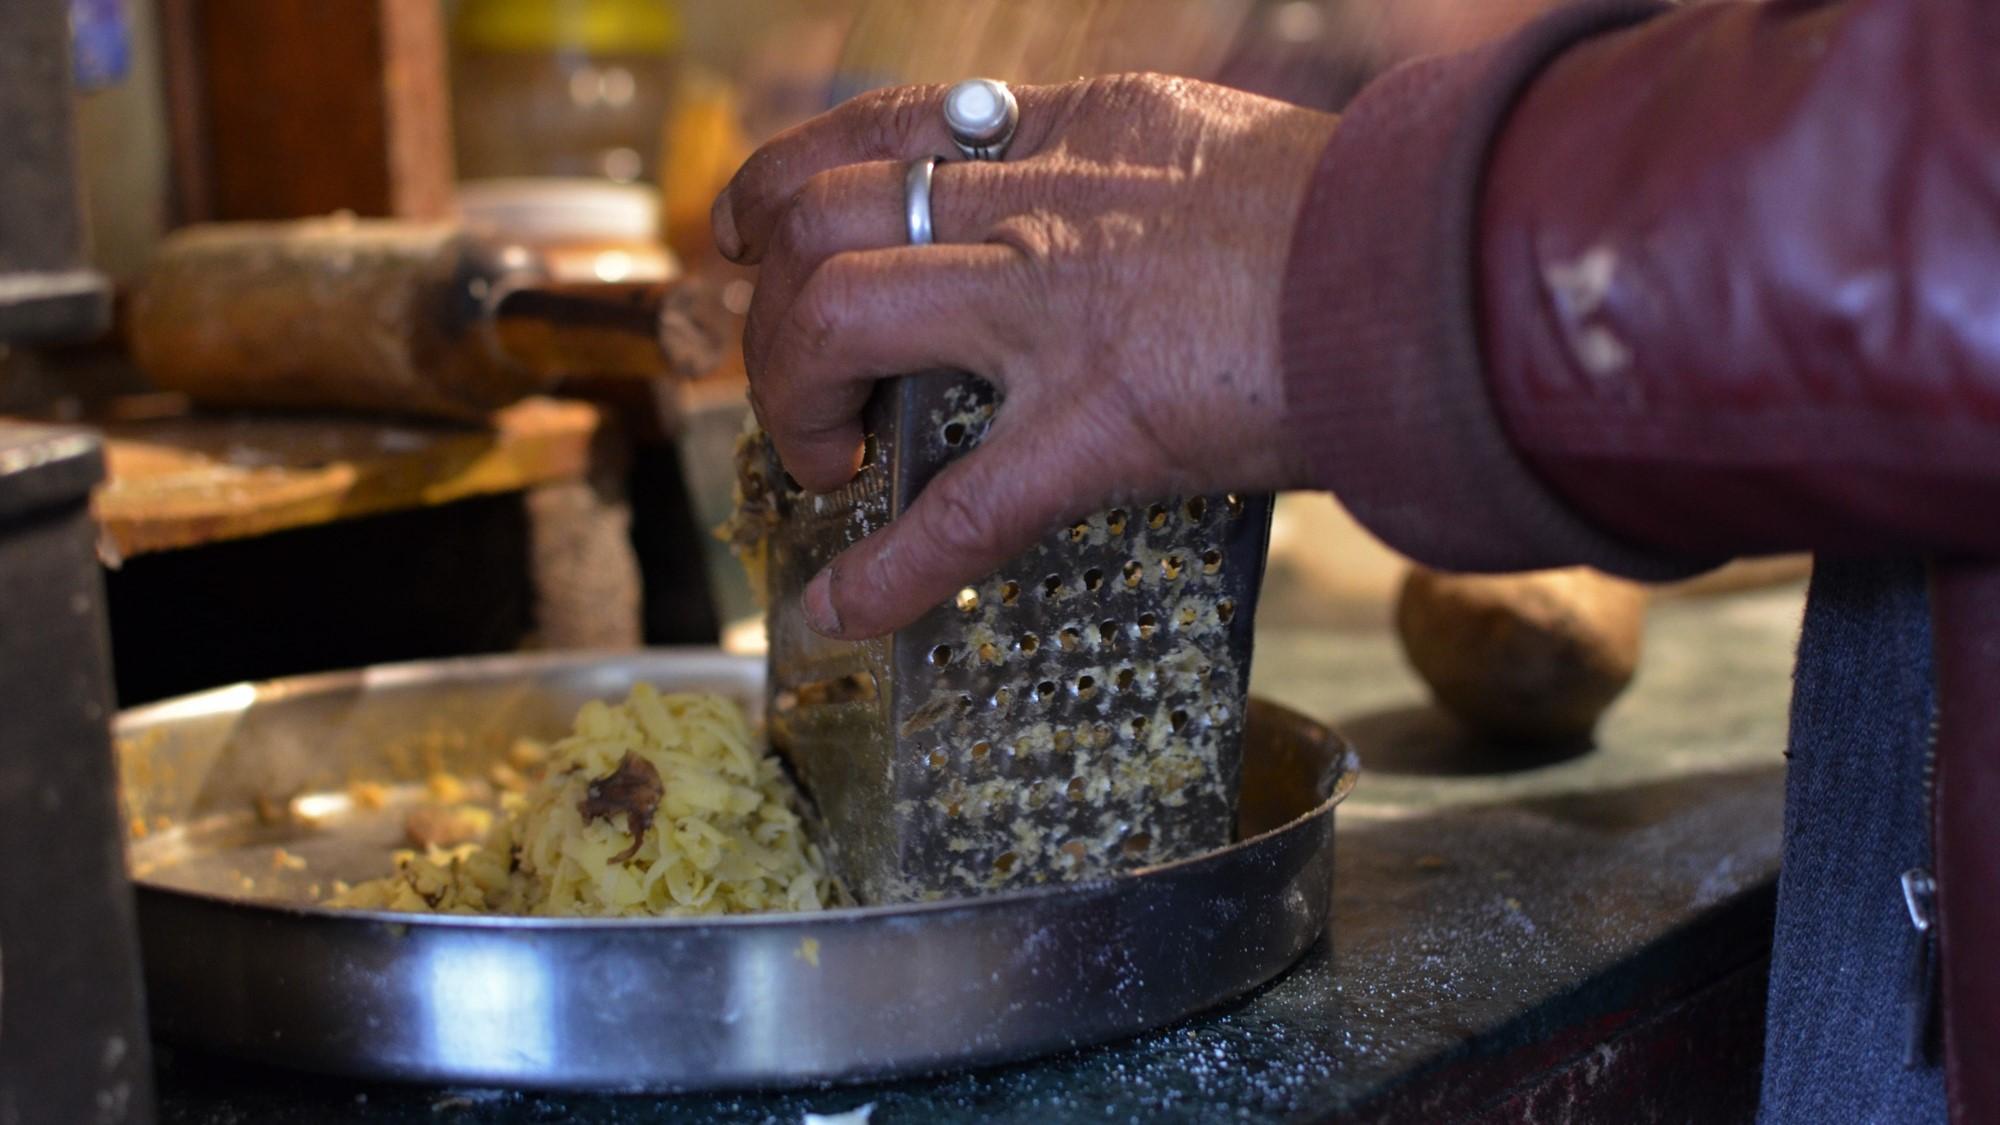 Immersing in Rural Entrepreneurship. - Documenting rural livelihood through small business.